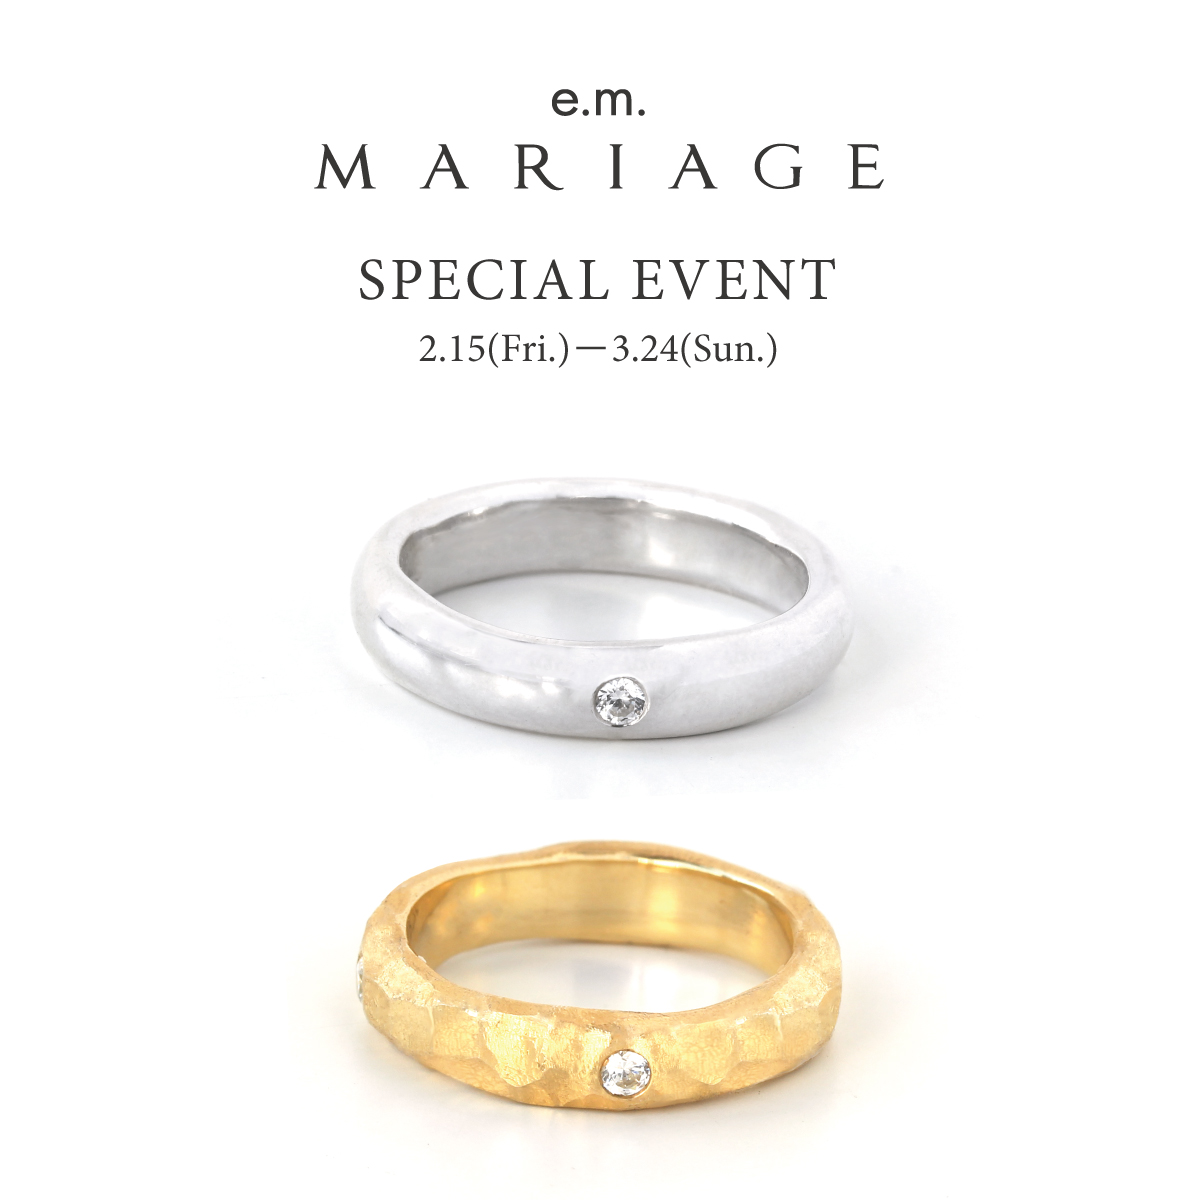 e.m.MARIAGE_special bridal fair_e.m. omotesando